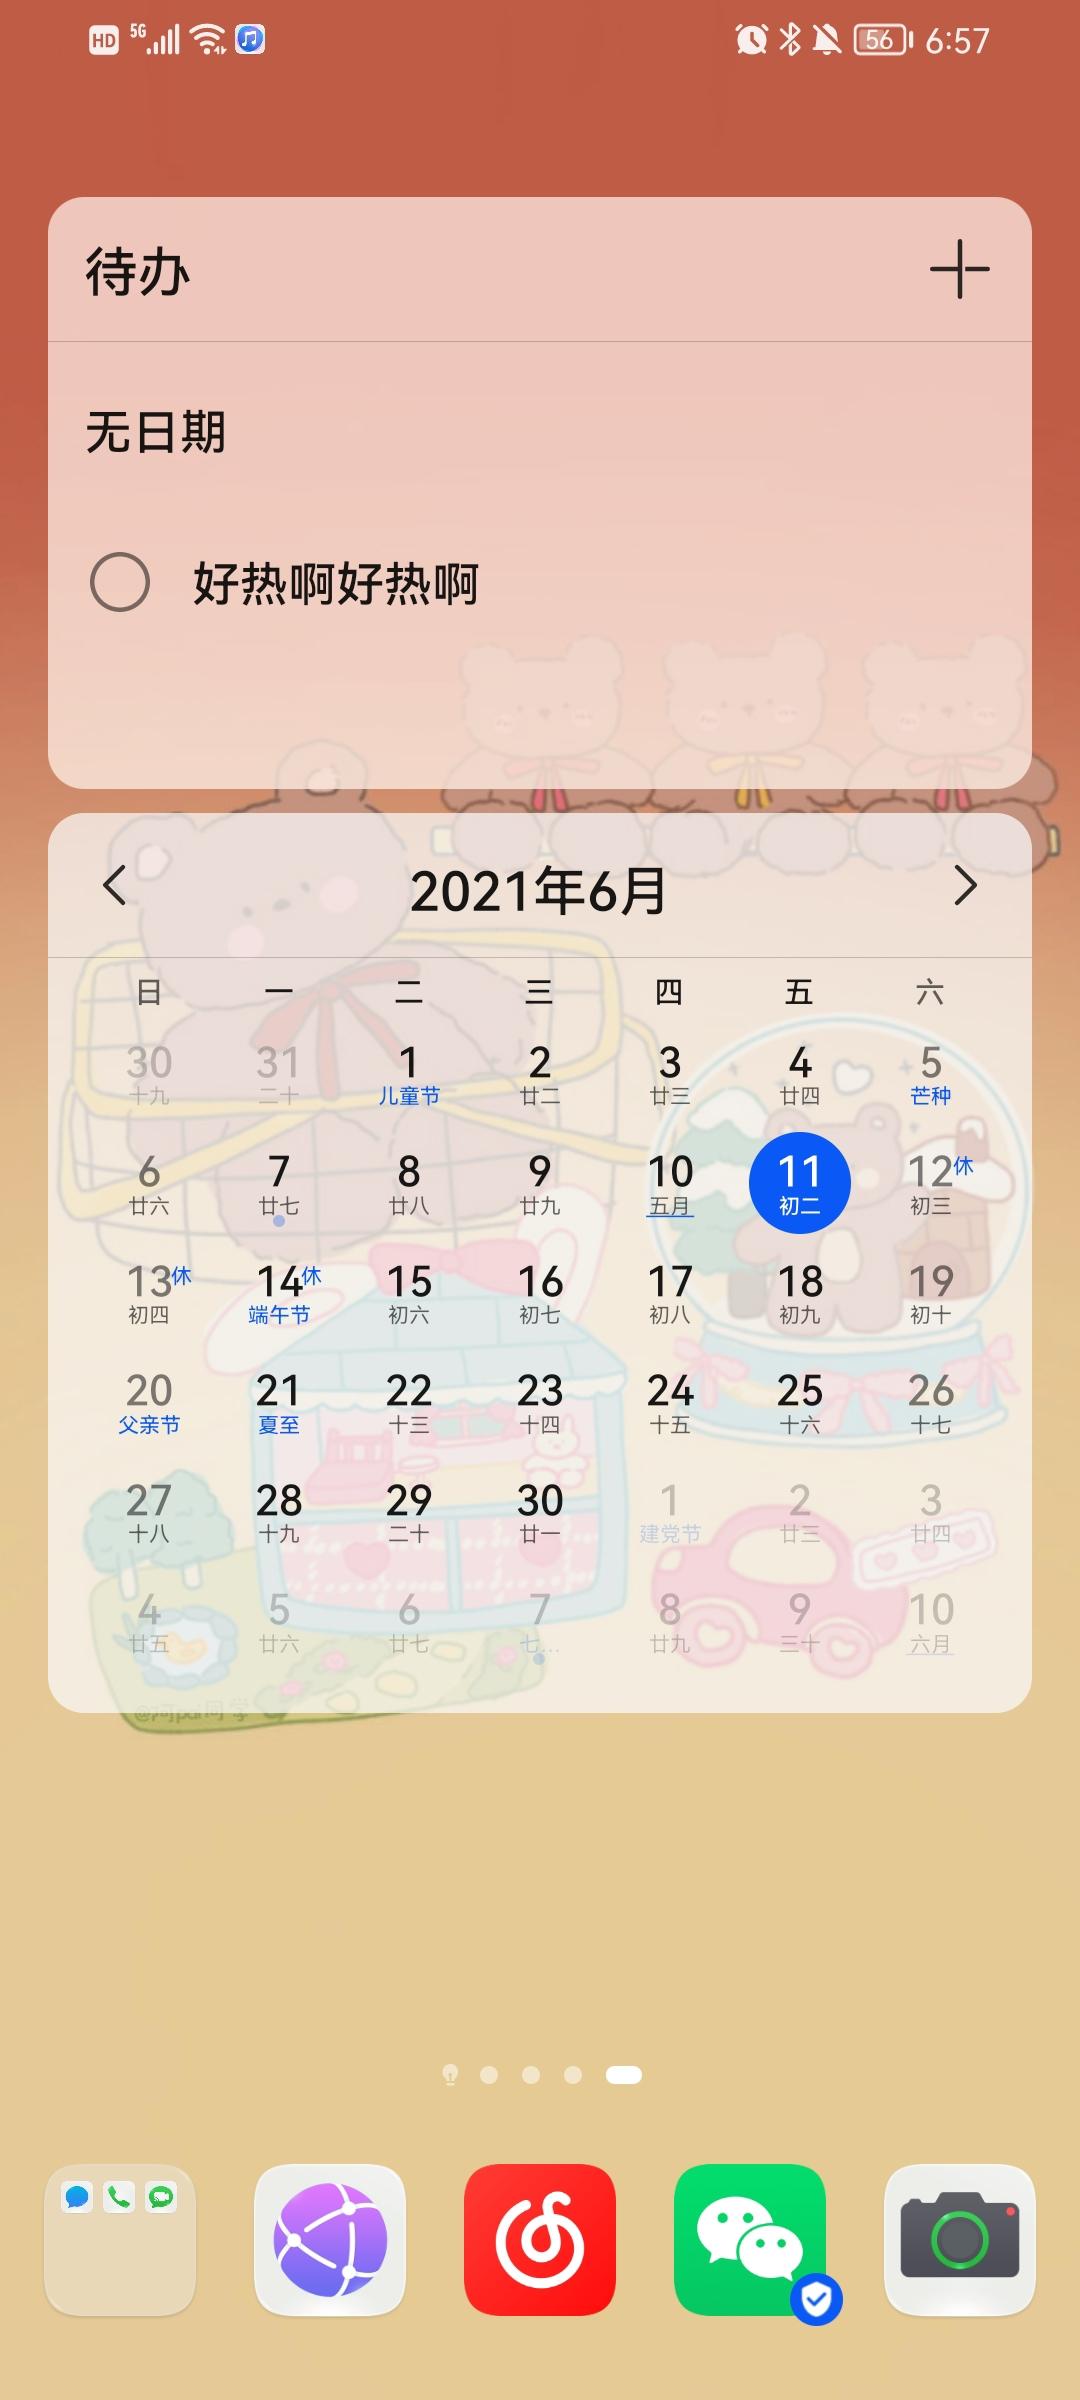 Screenshot_20210611_185728_com.huawei.android.launcher.jpg